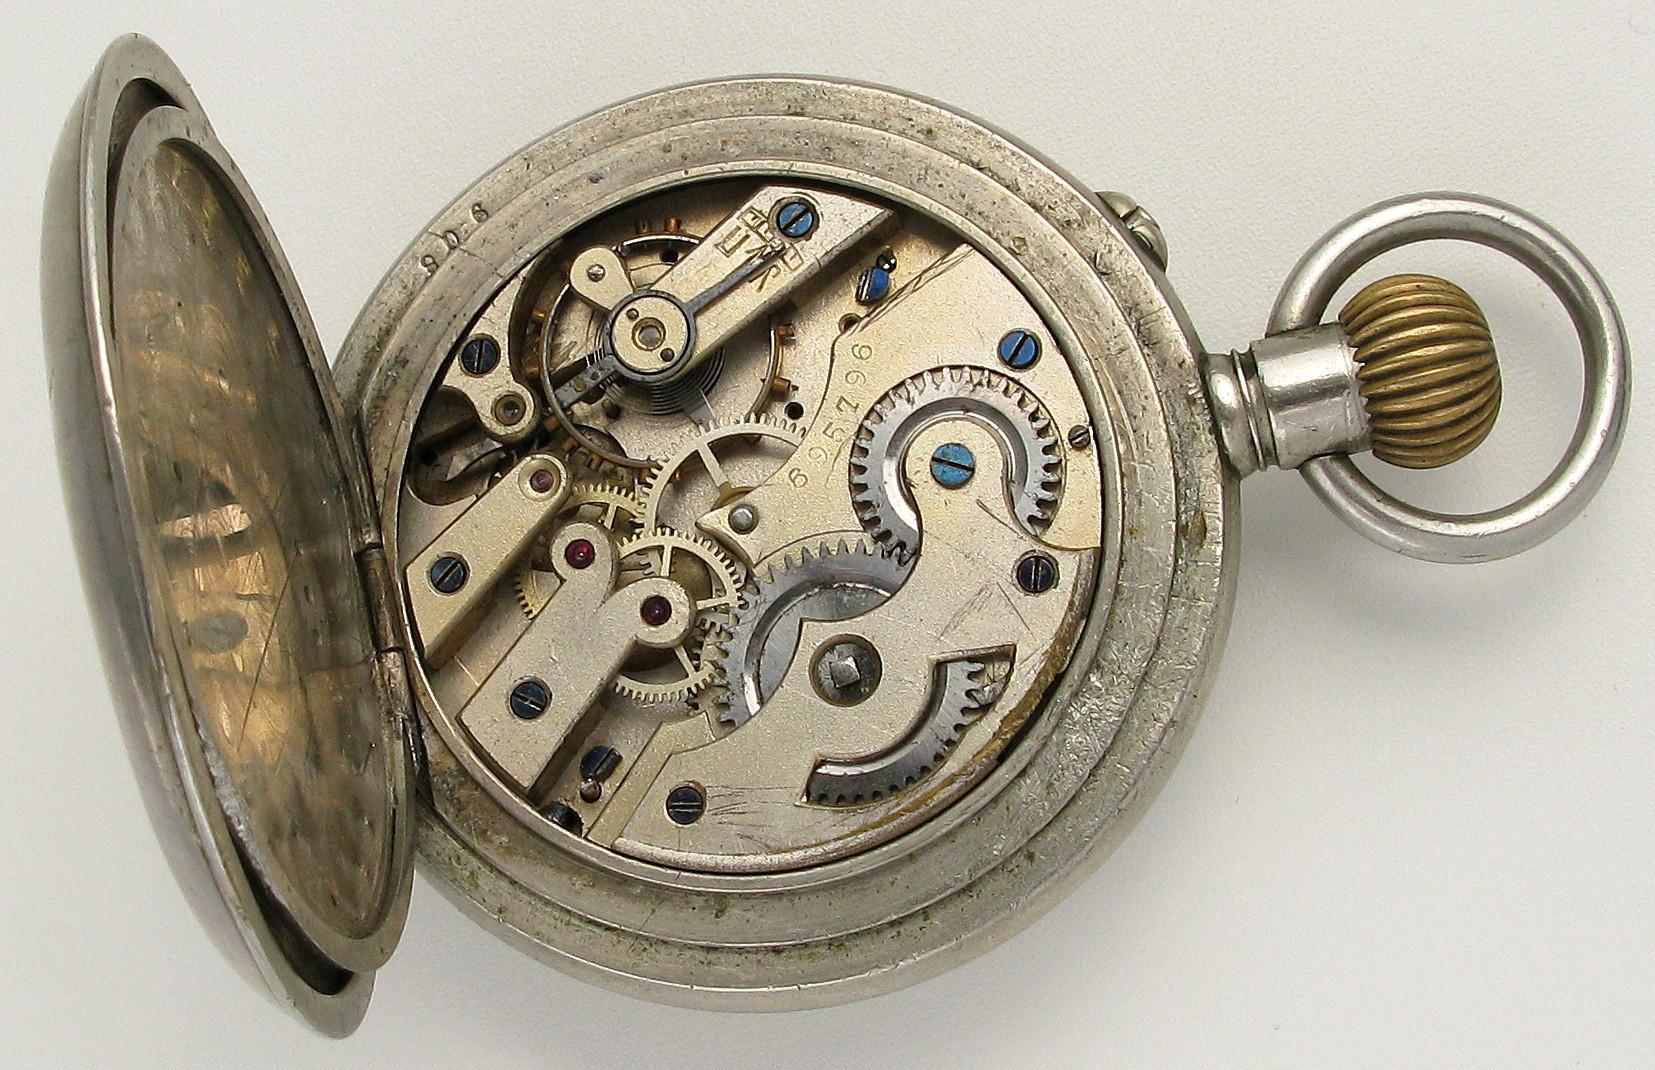 Павел буре часы купить купить часы по интернету в калининграде